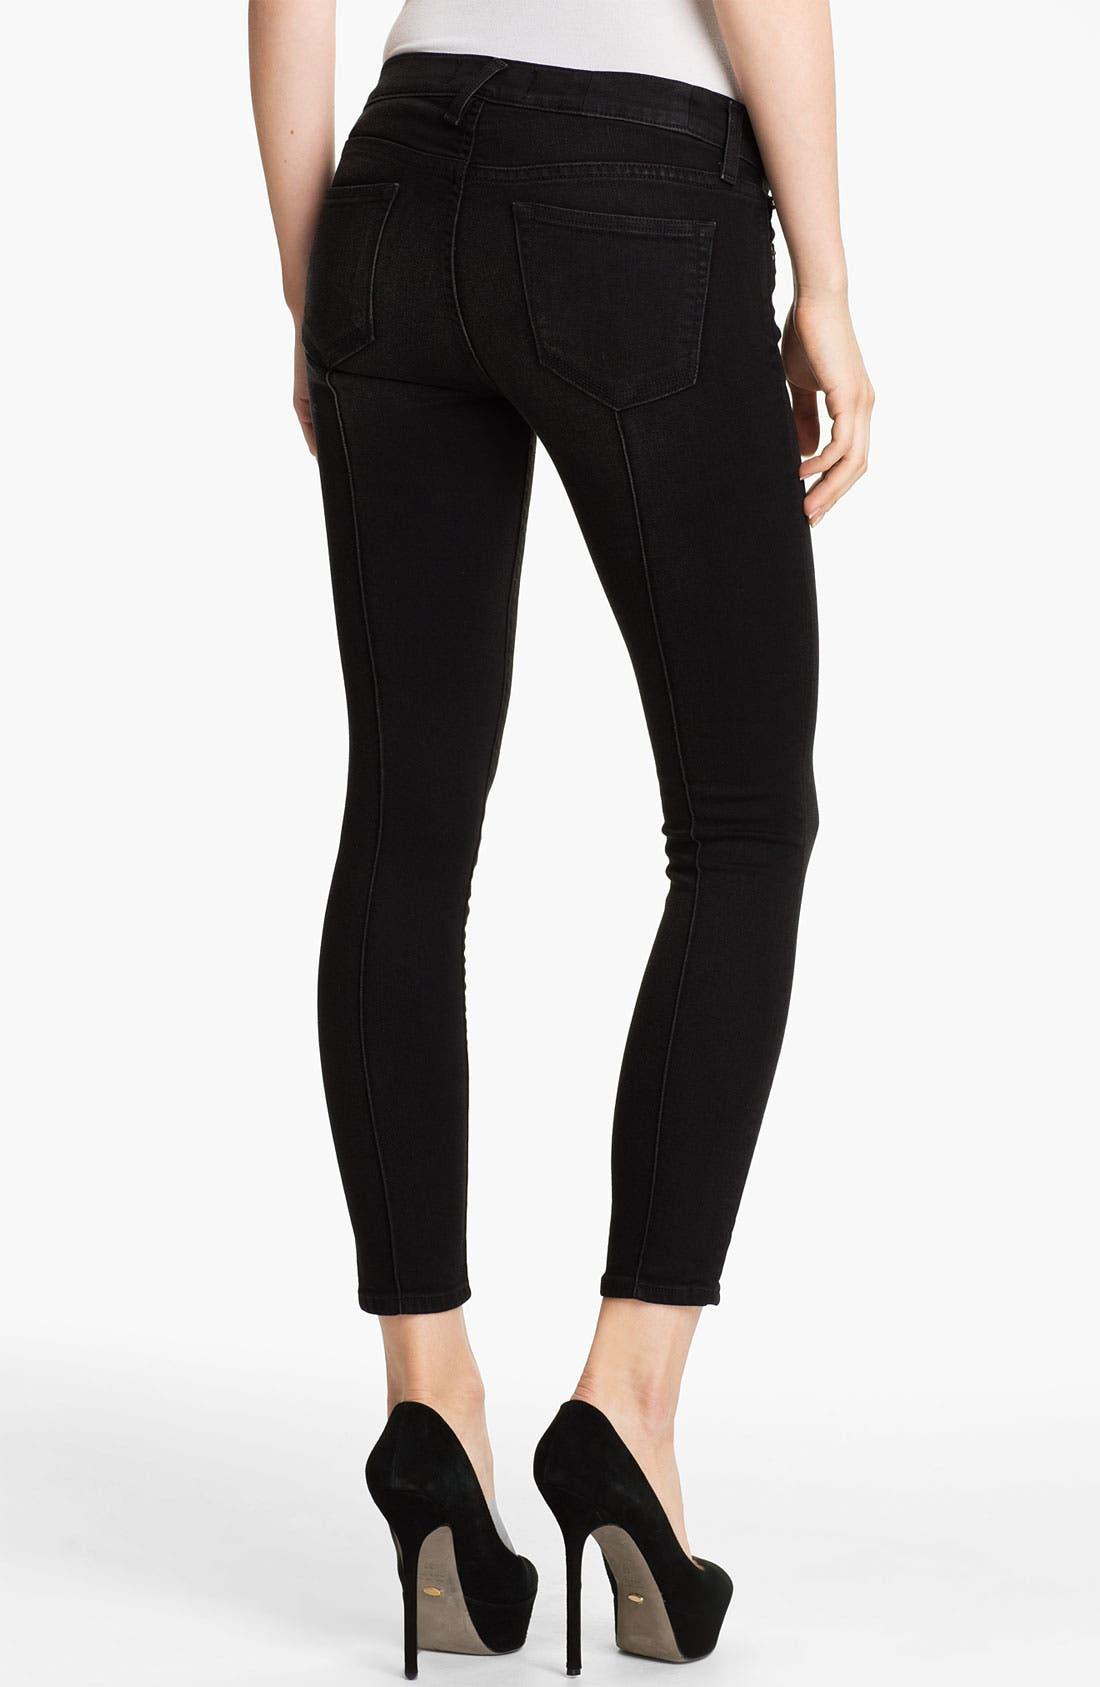 Alternate Image 1 Selected - TEXTILE Elizabeth and James 'Benny' Skinny Jeans